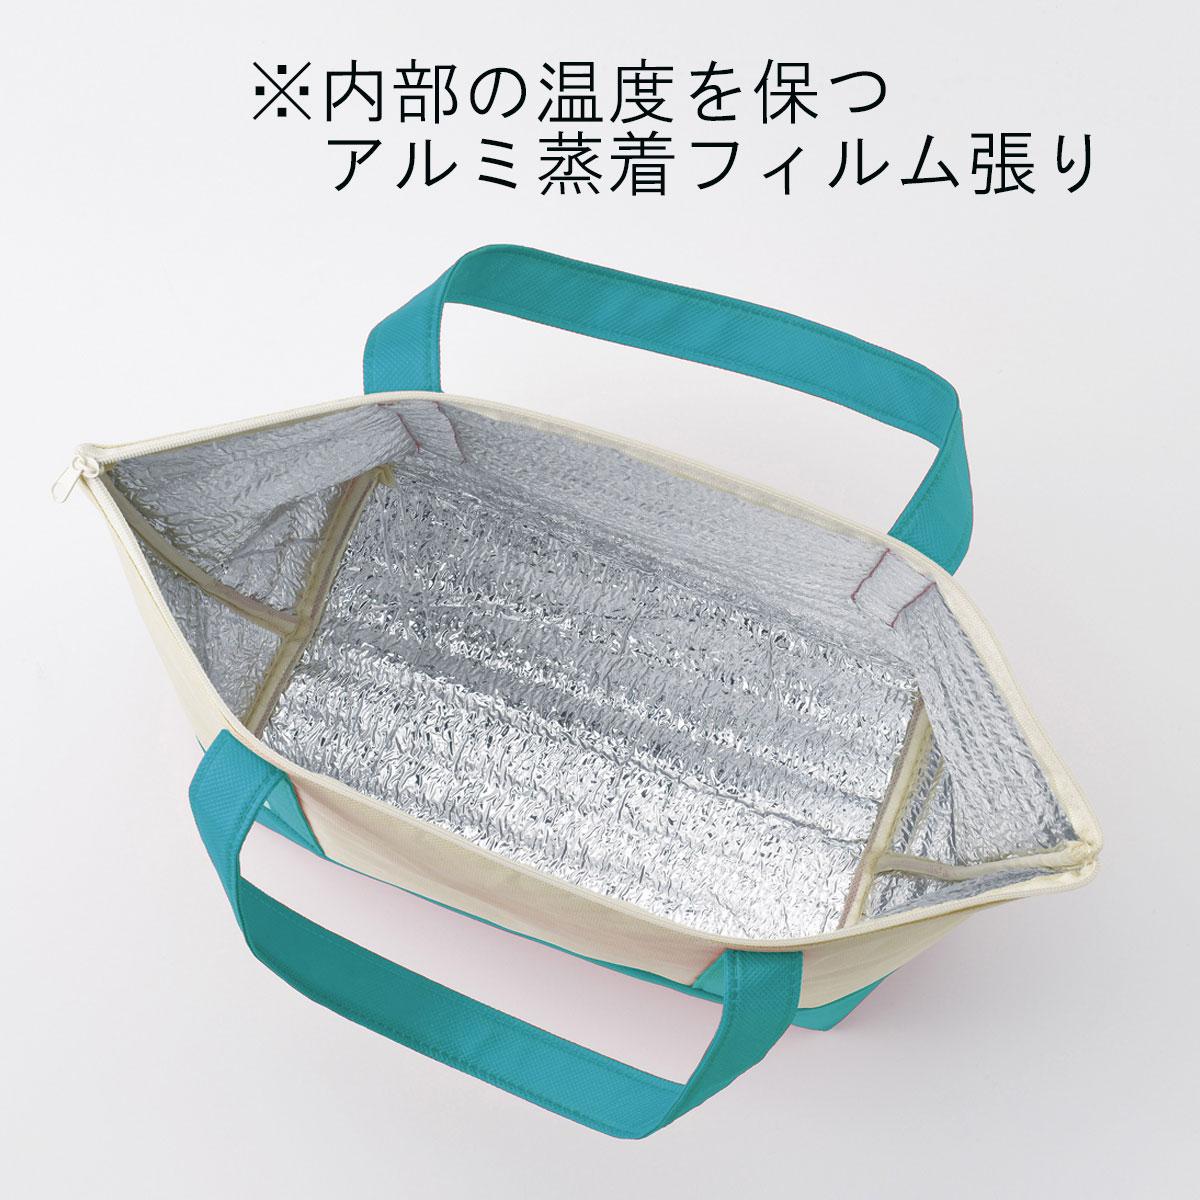 カラフルトートバッグ(保冷温)